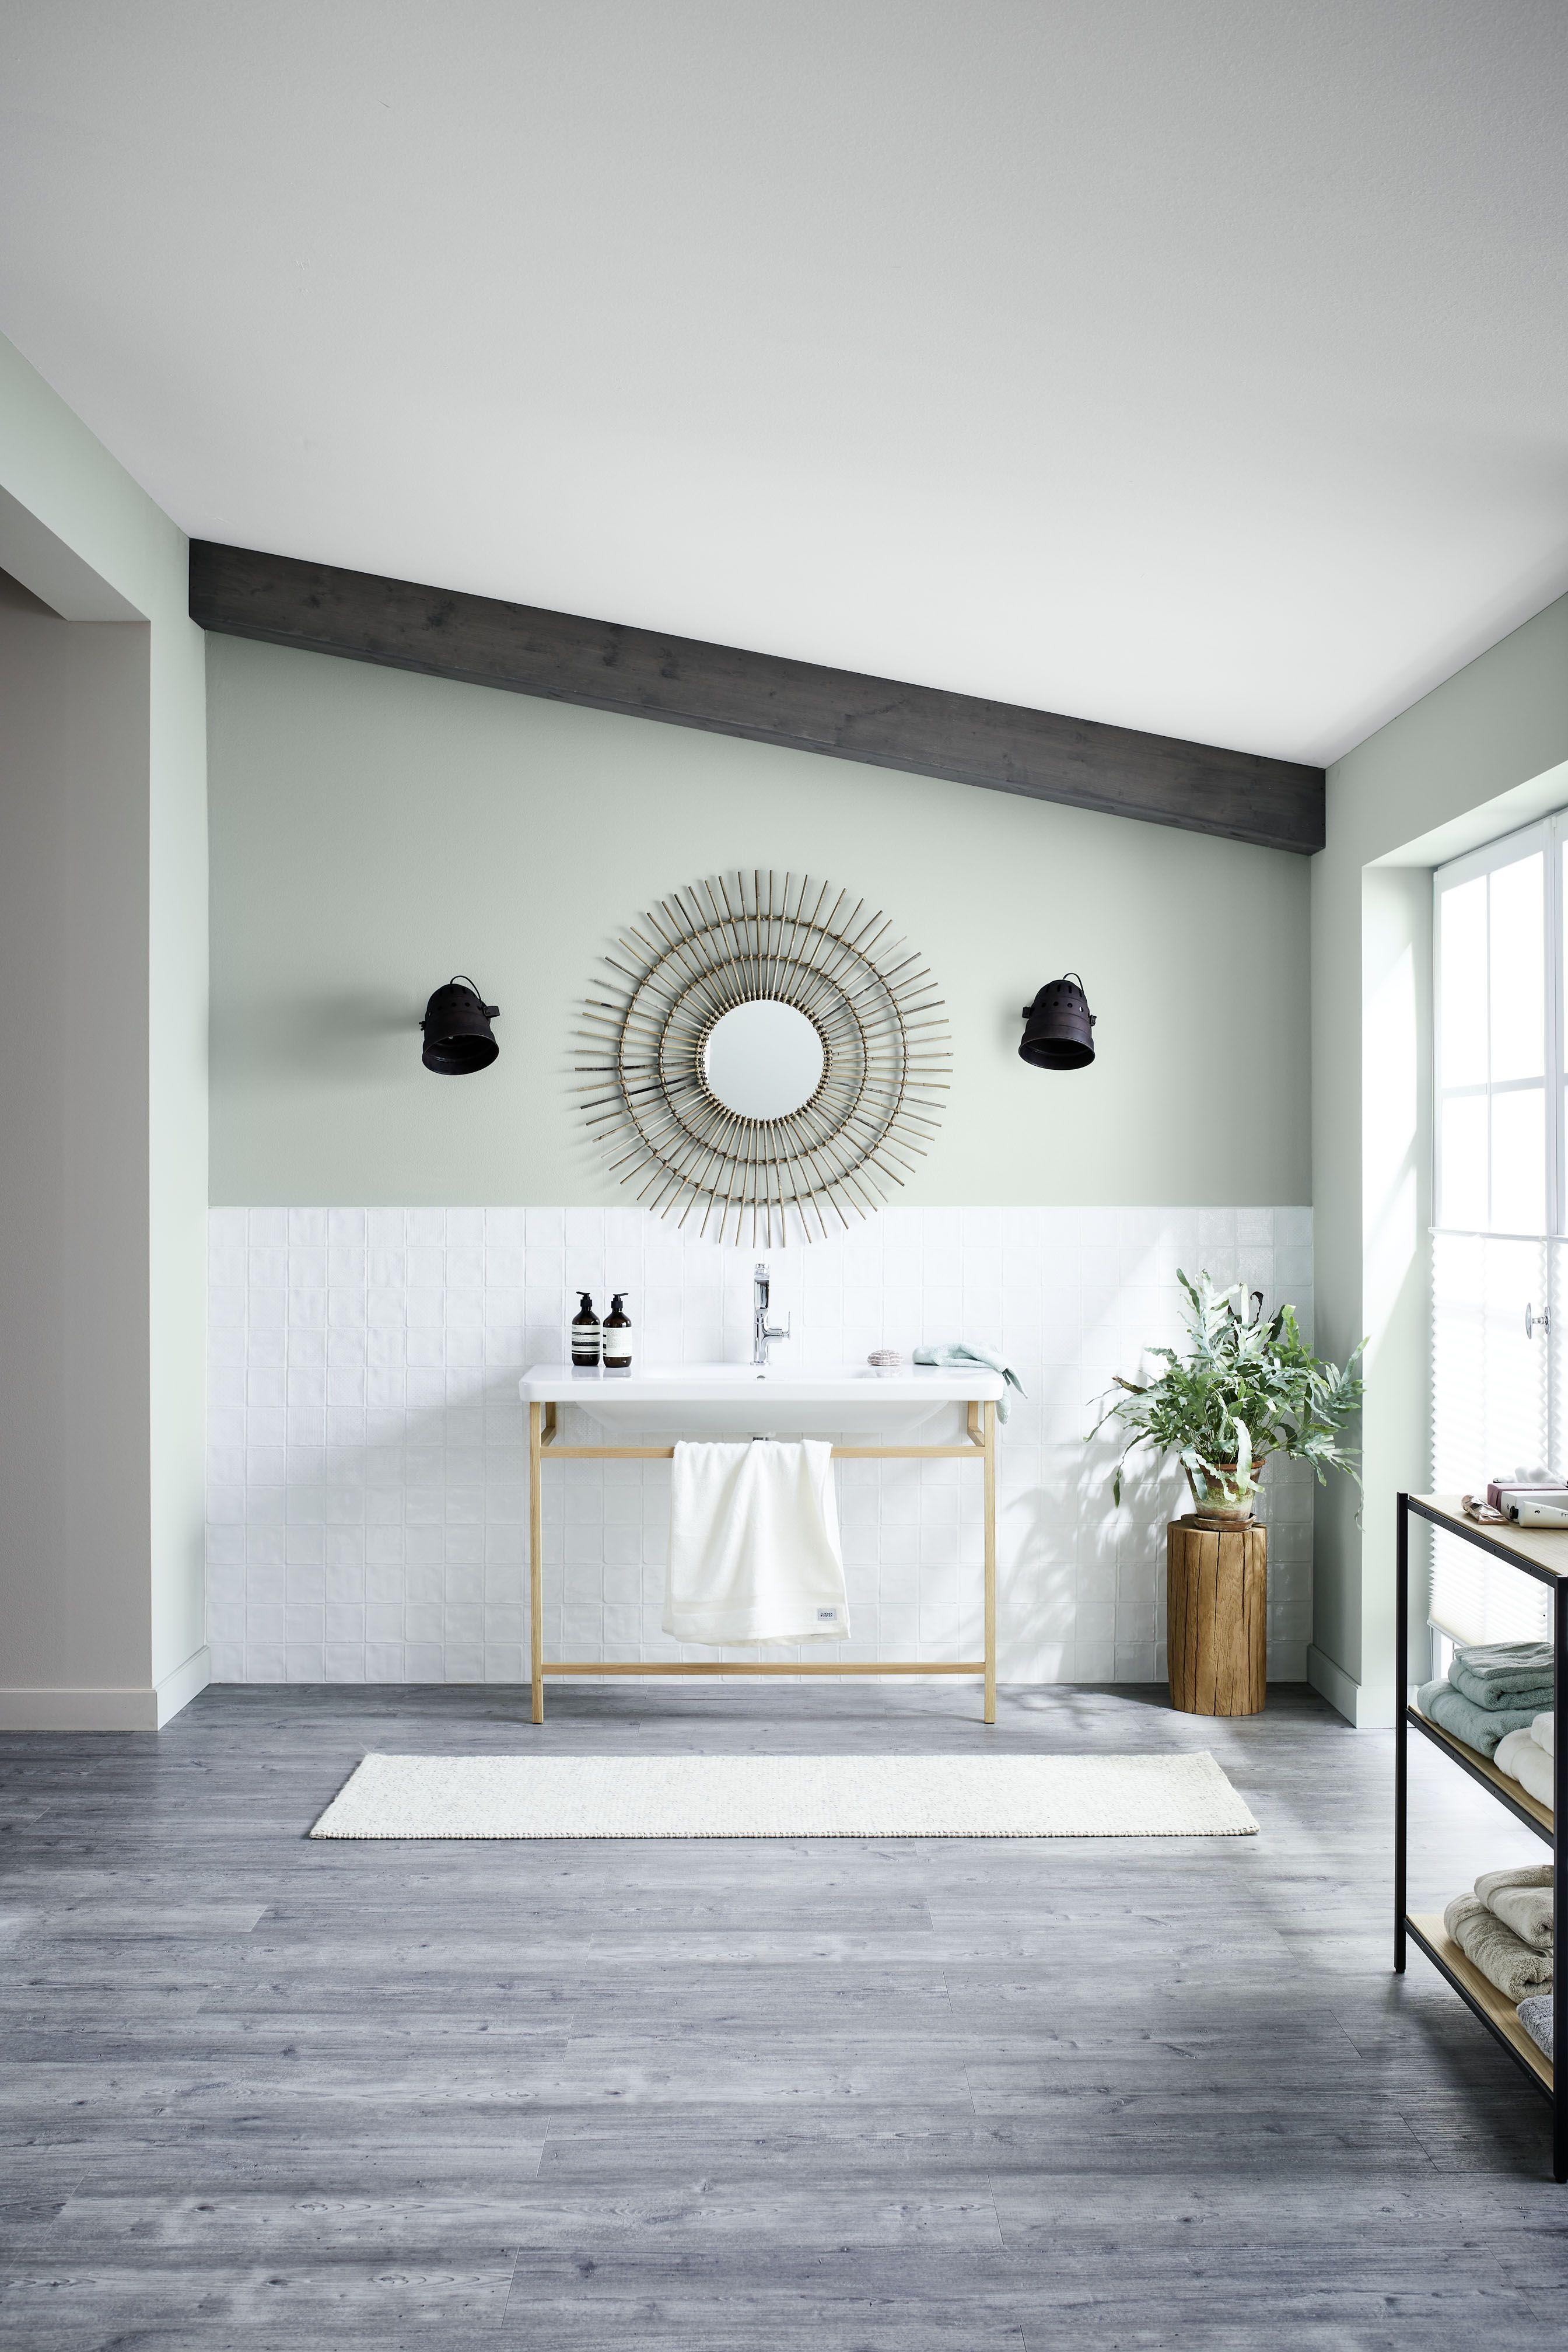 Schoner Wohnen Kollektion Designfarbe Harmonisches Jadegrun In 2020 Schoner Wohnen Wandfarbe Wohnen Schoner Wohnen